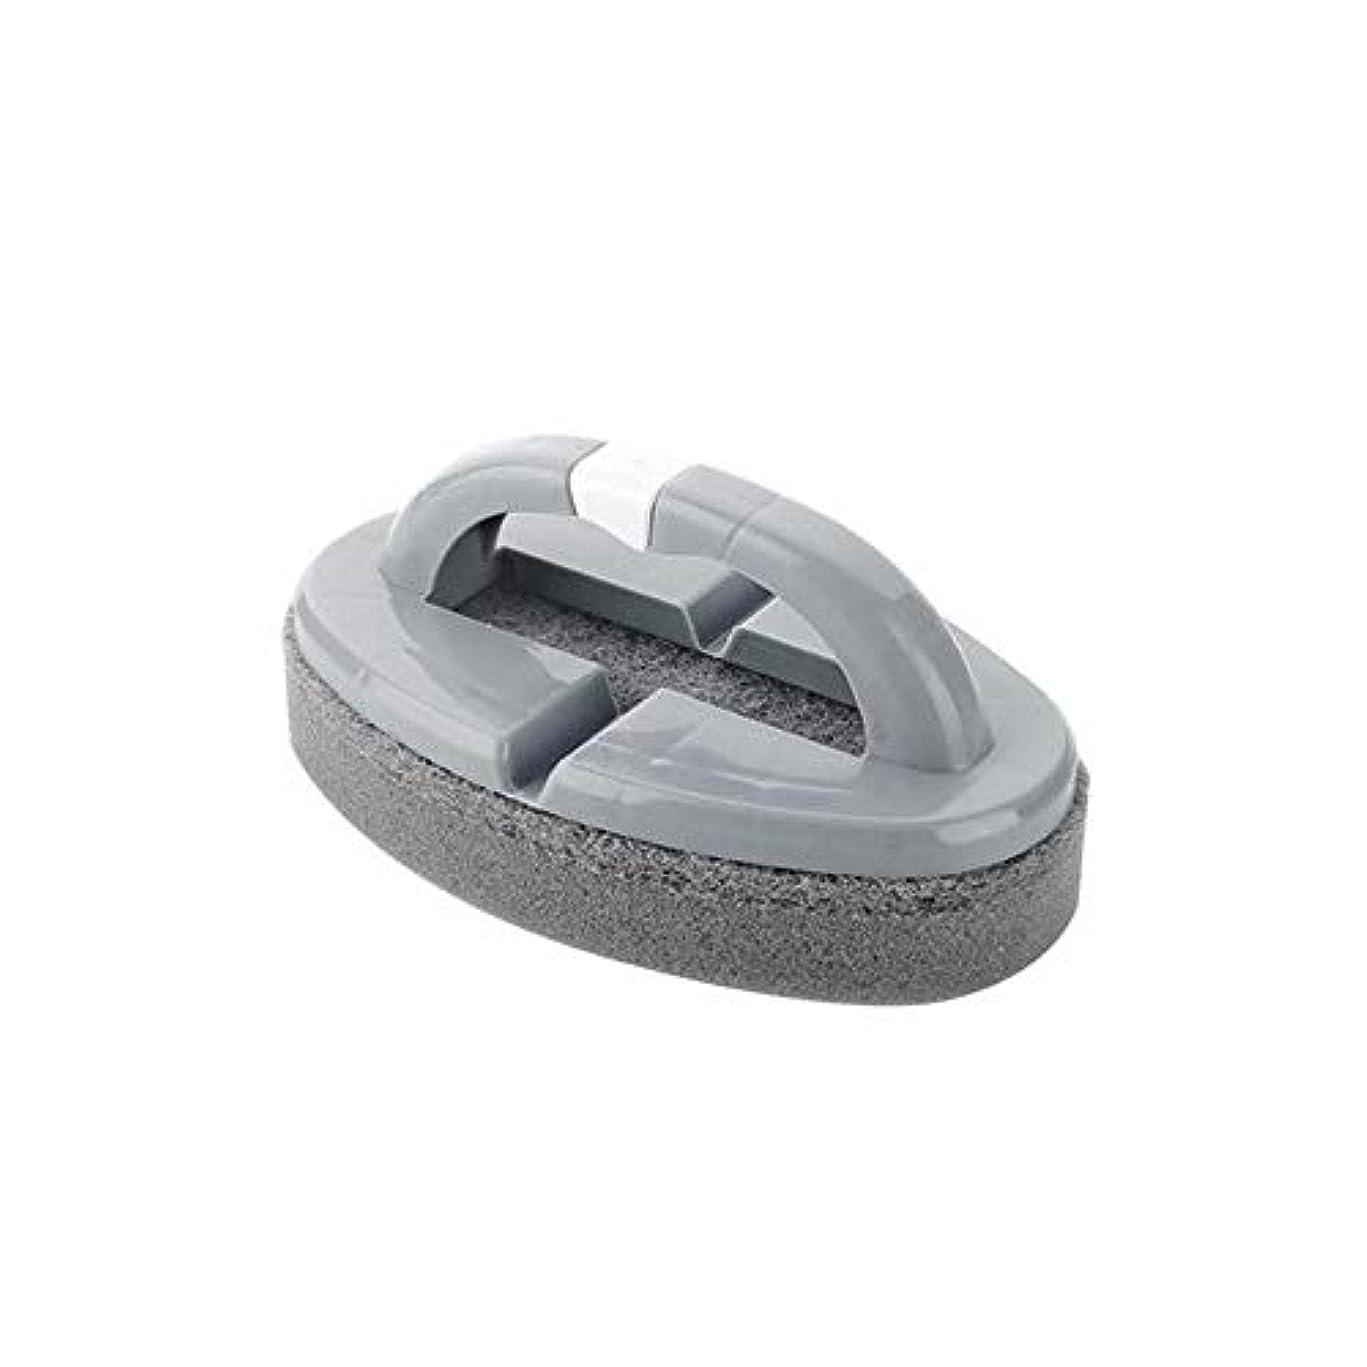 プロポーショナルマトリックスブラウスポアクリーニング 折りたたみスポンジハンドル付きハンドルバスルームタイルクリーニングブラシ2 PCS マッサージブラシ (色 : C)